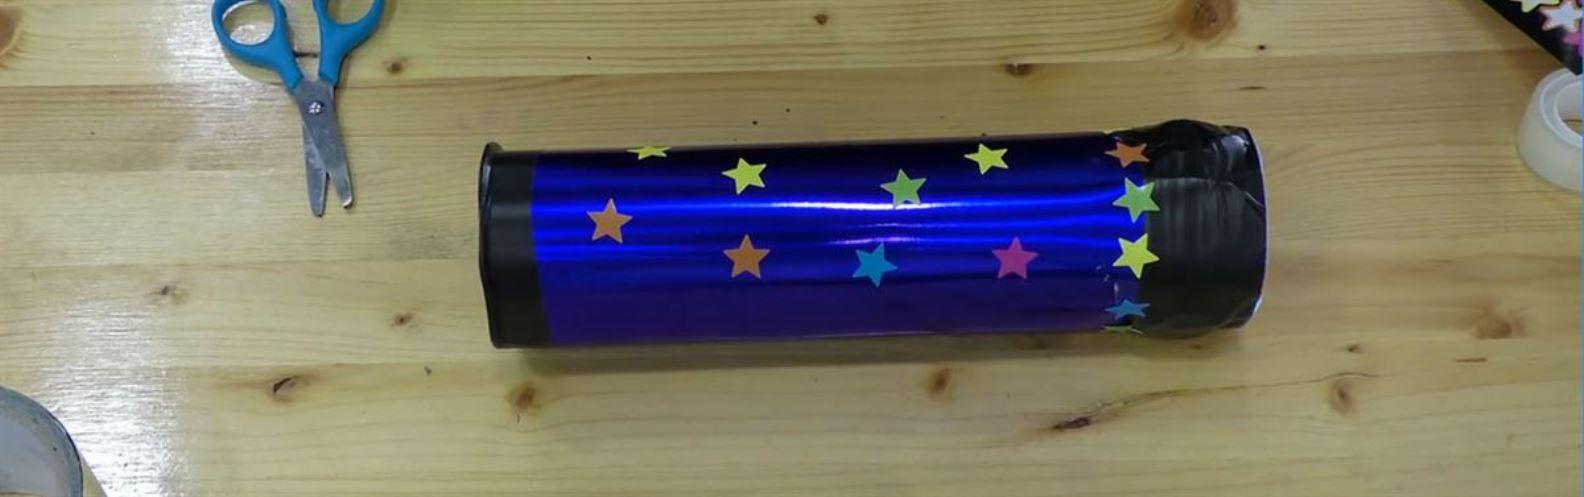 Actividad para niños de Reciclaje: Caleidoscopio